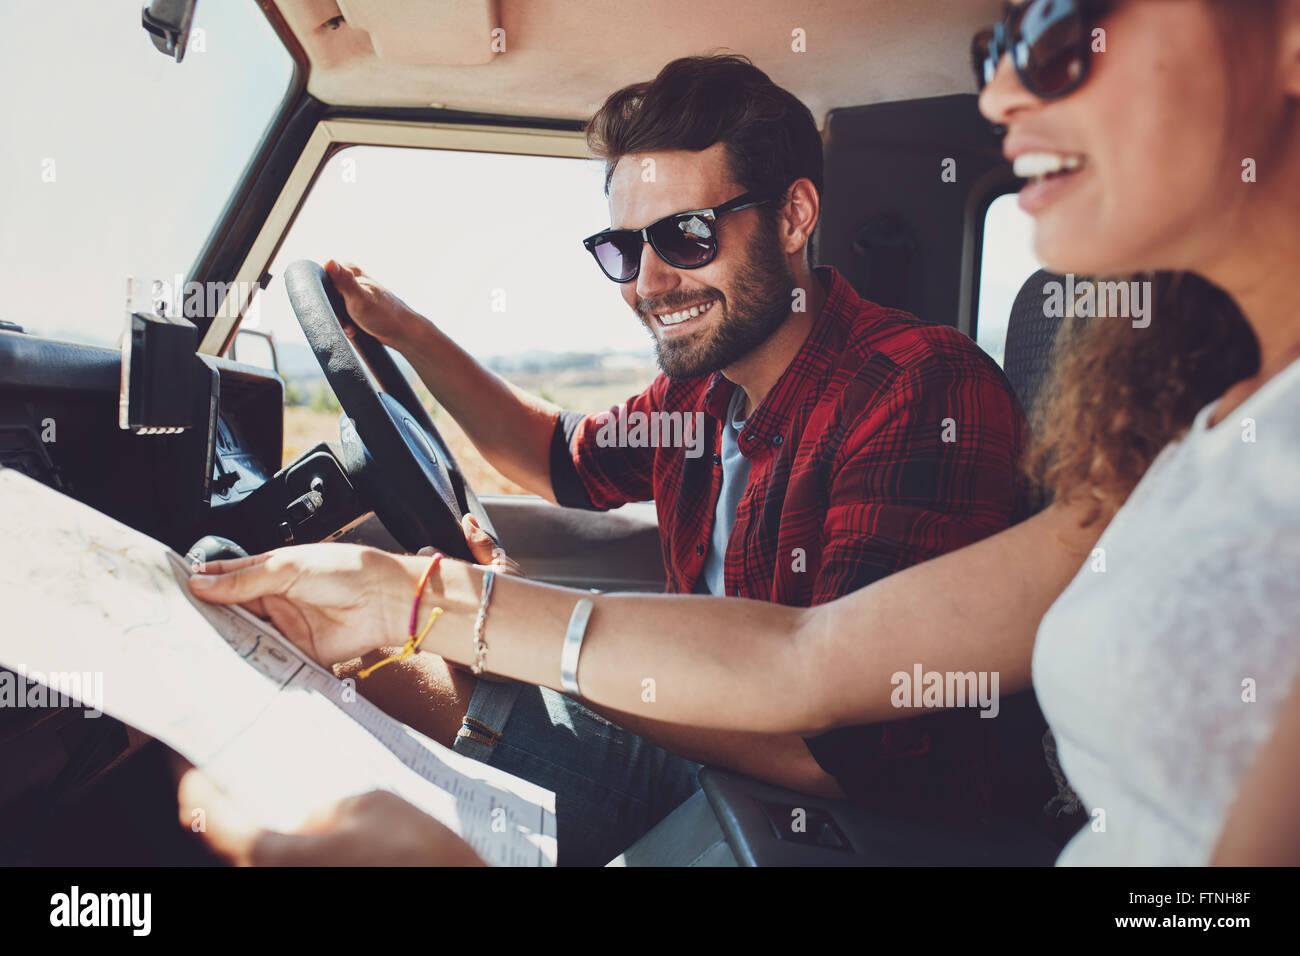 Sonriente joven conducía el coche con la mujer sosteniendo un mapa de carreteras. Pareja joven en viaje por Imagen De Stock